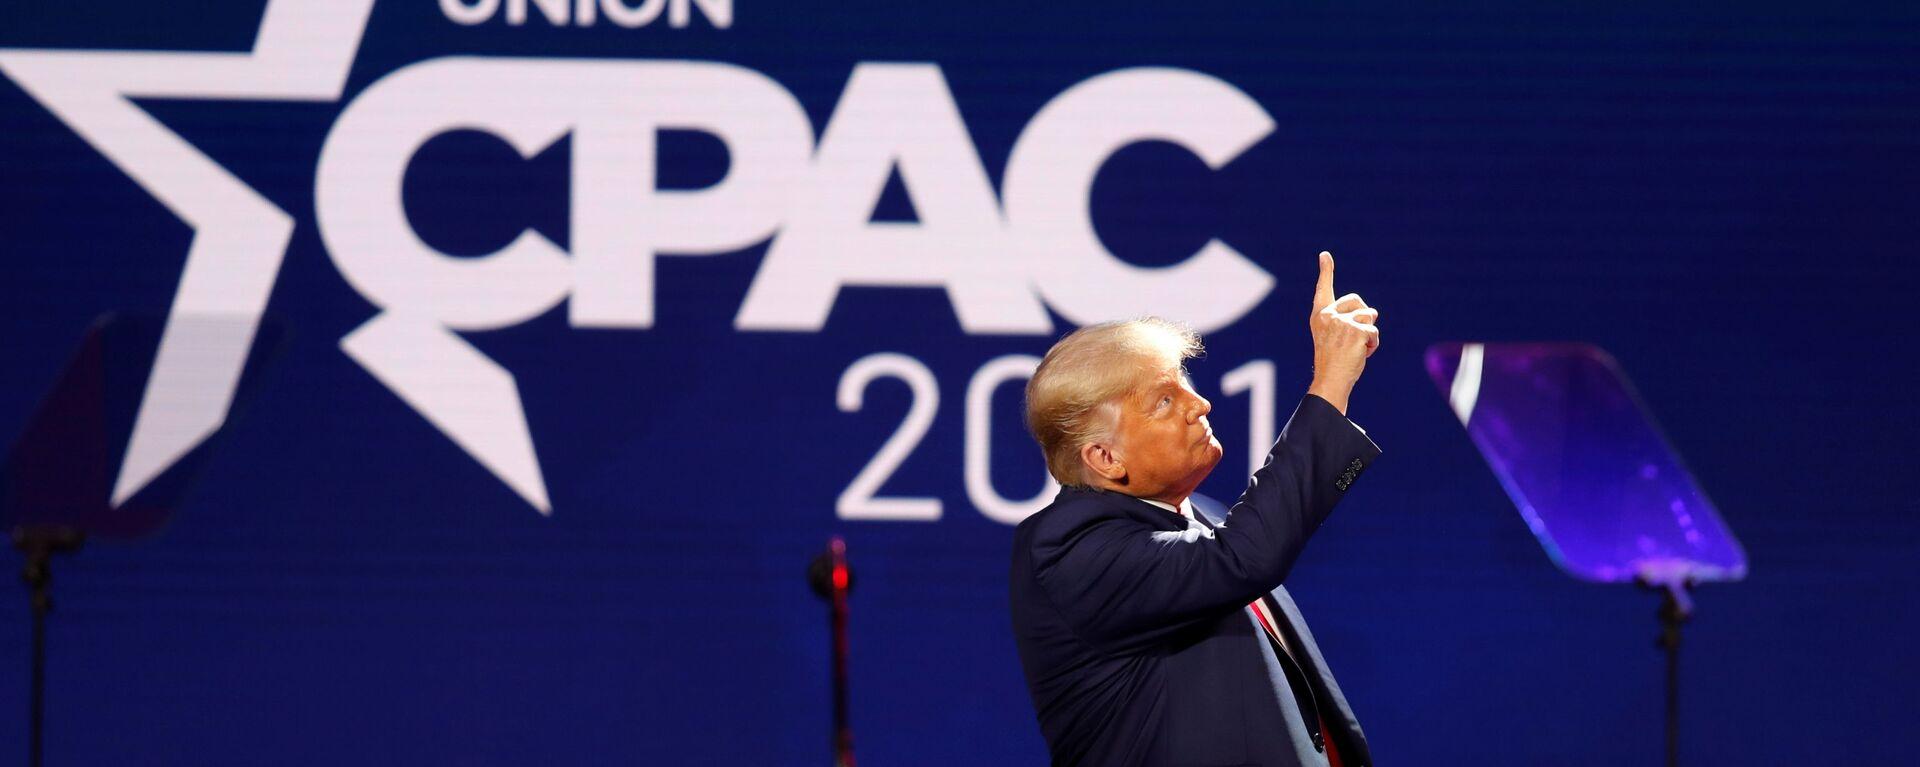 Bývalý americký prezident Donald Trump - Sputnik Česká republika, 1920, 01.03.2021